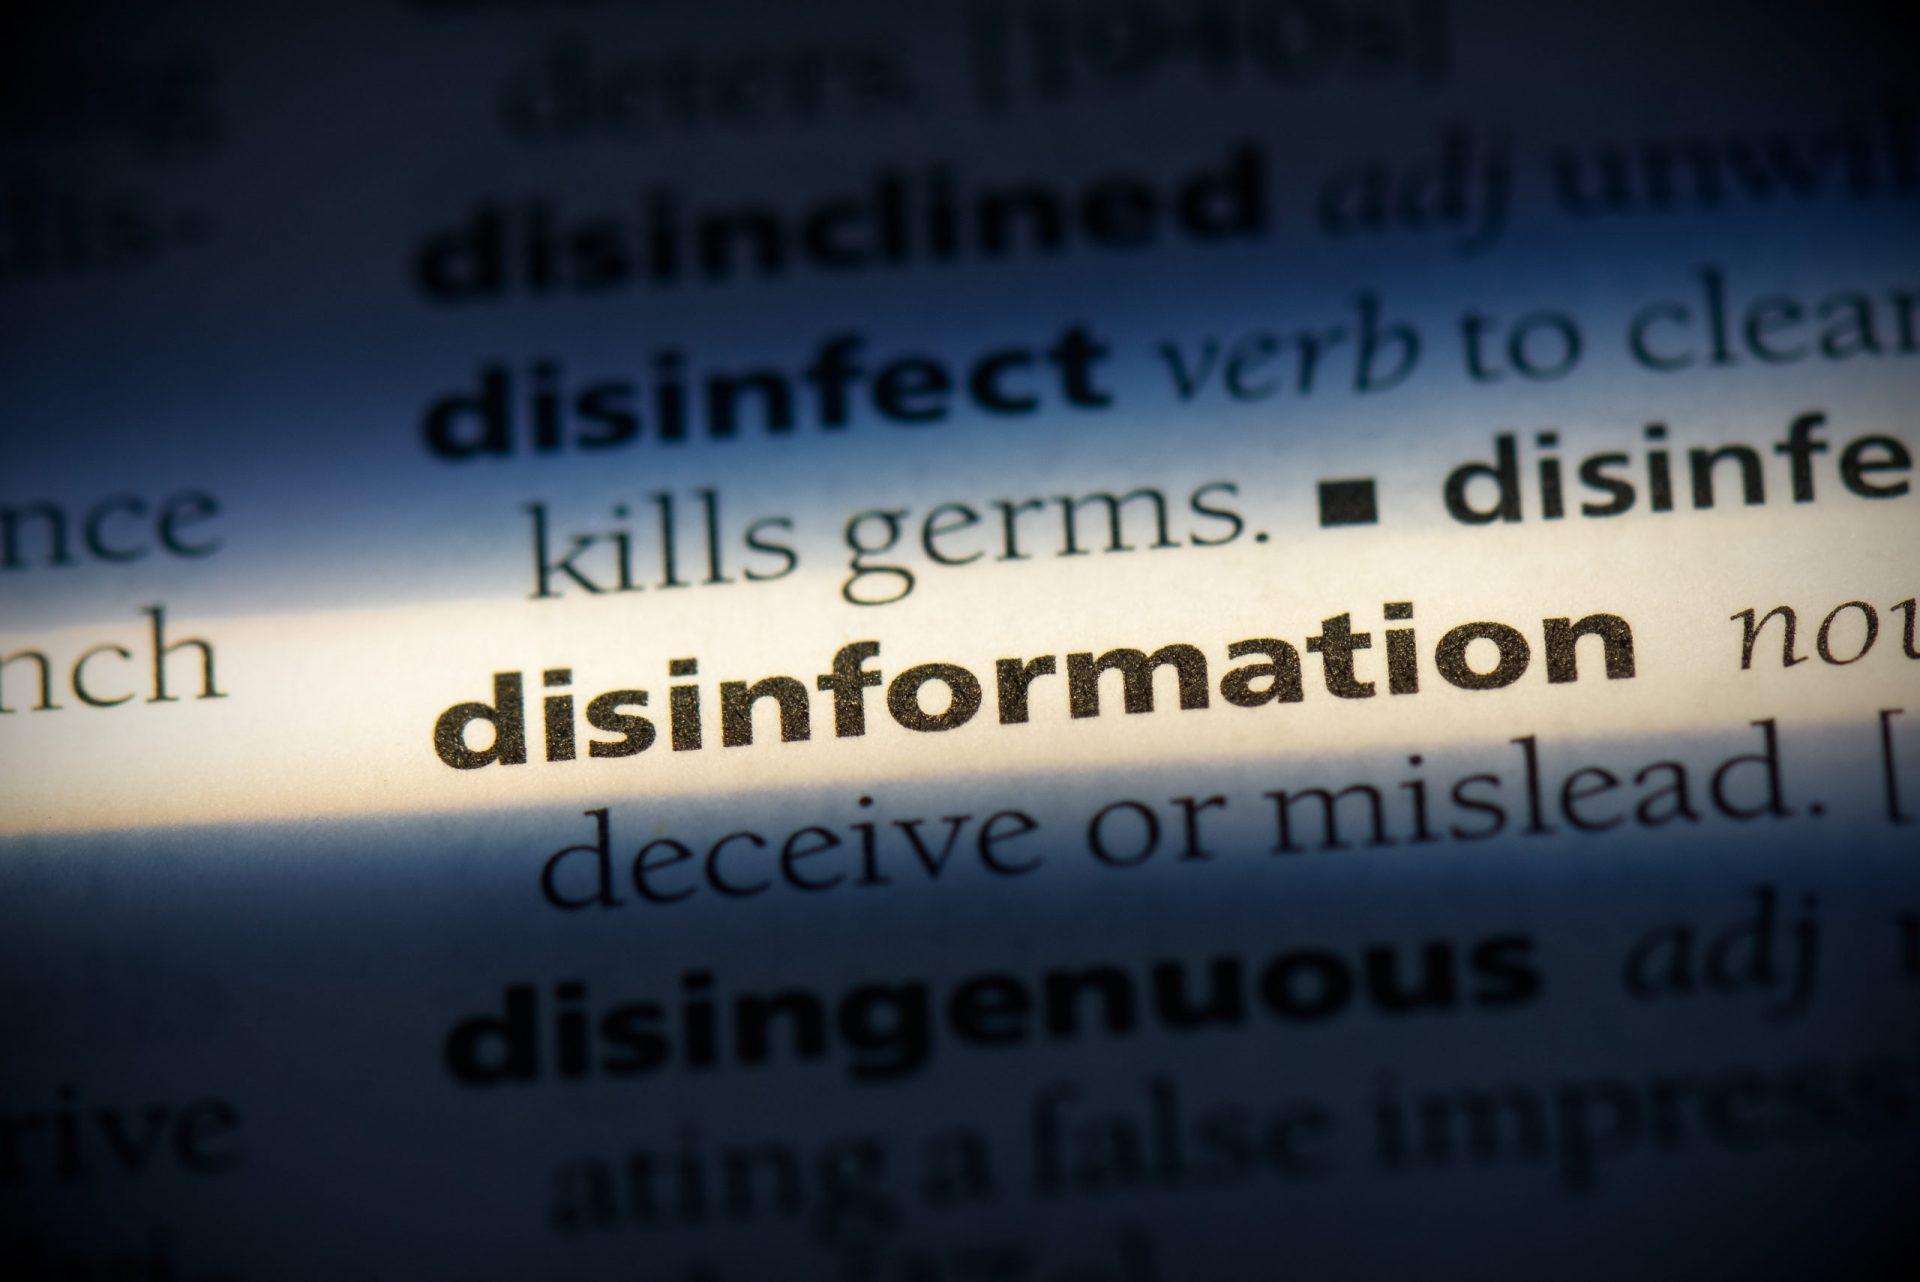 Diferențele dintre disinformation și misinformation. Un scurt ghid de înțelegere a nuanțelor dezinformării